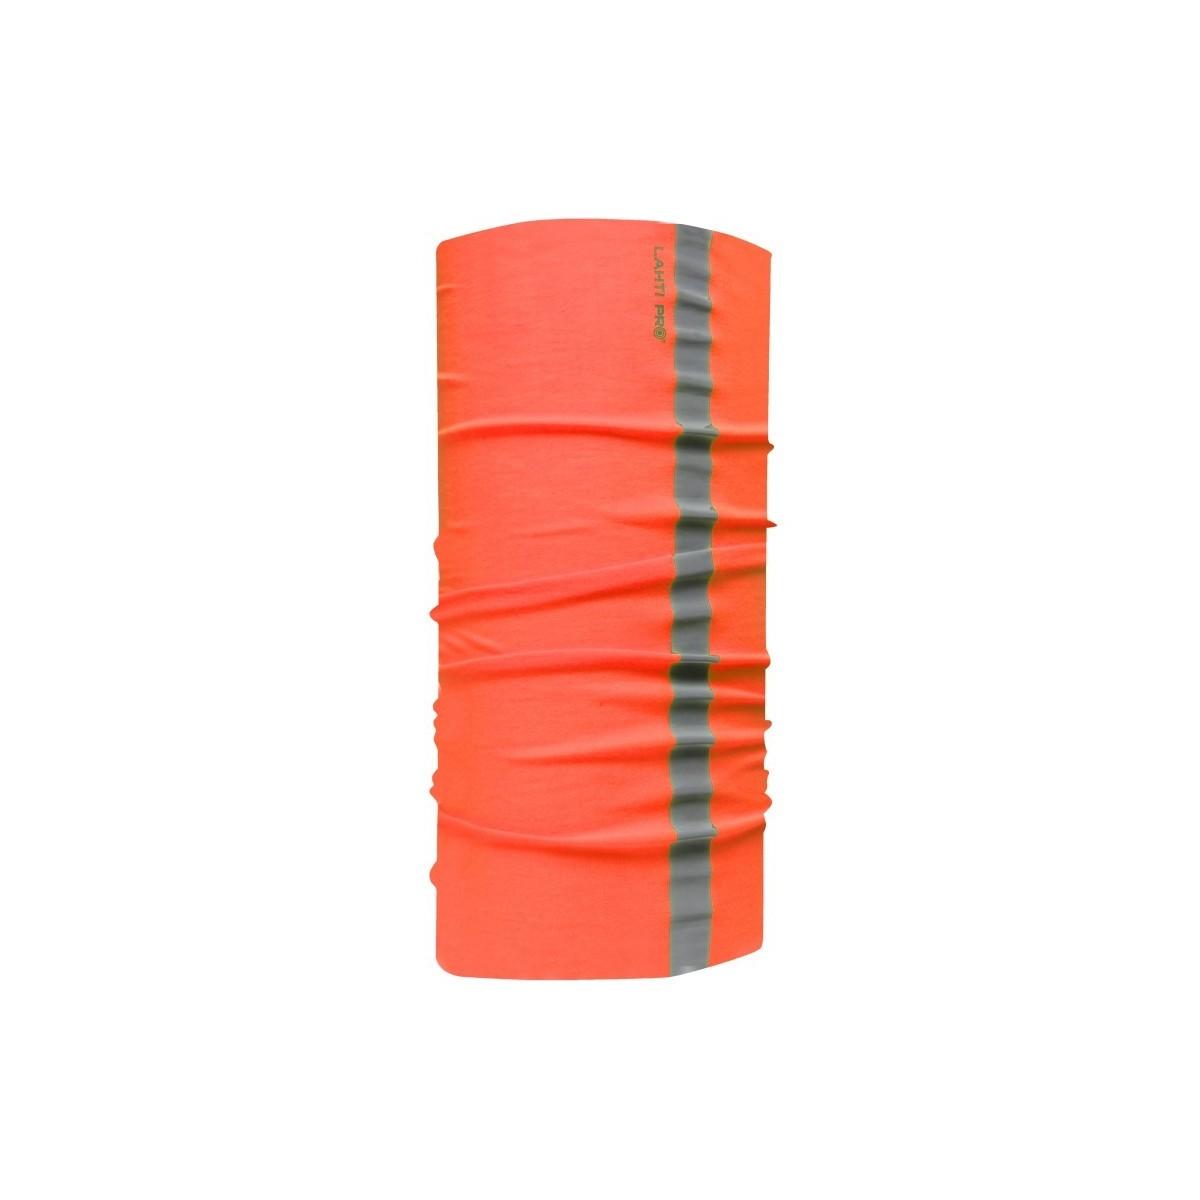 Chusta odblaskowa LAHTI PRO - L1030200 Chusta odblaskowa LAHTI PRO - L1030200